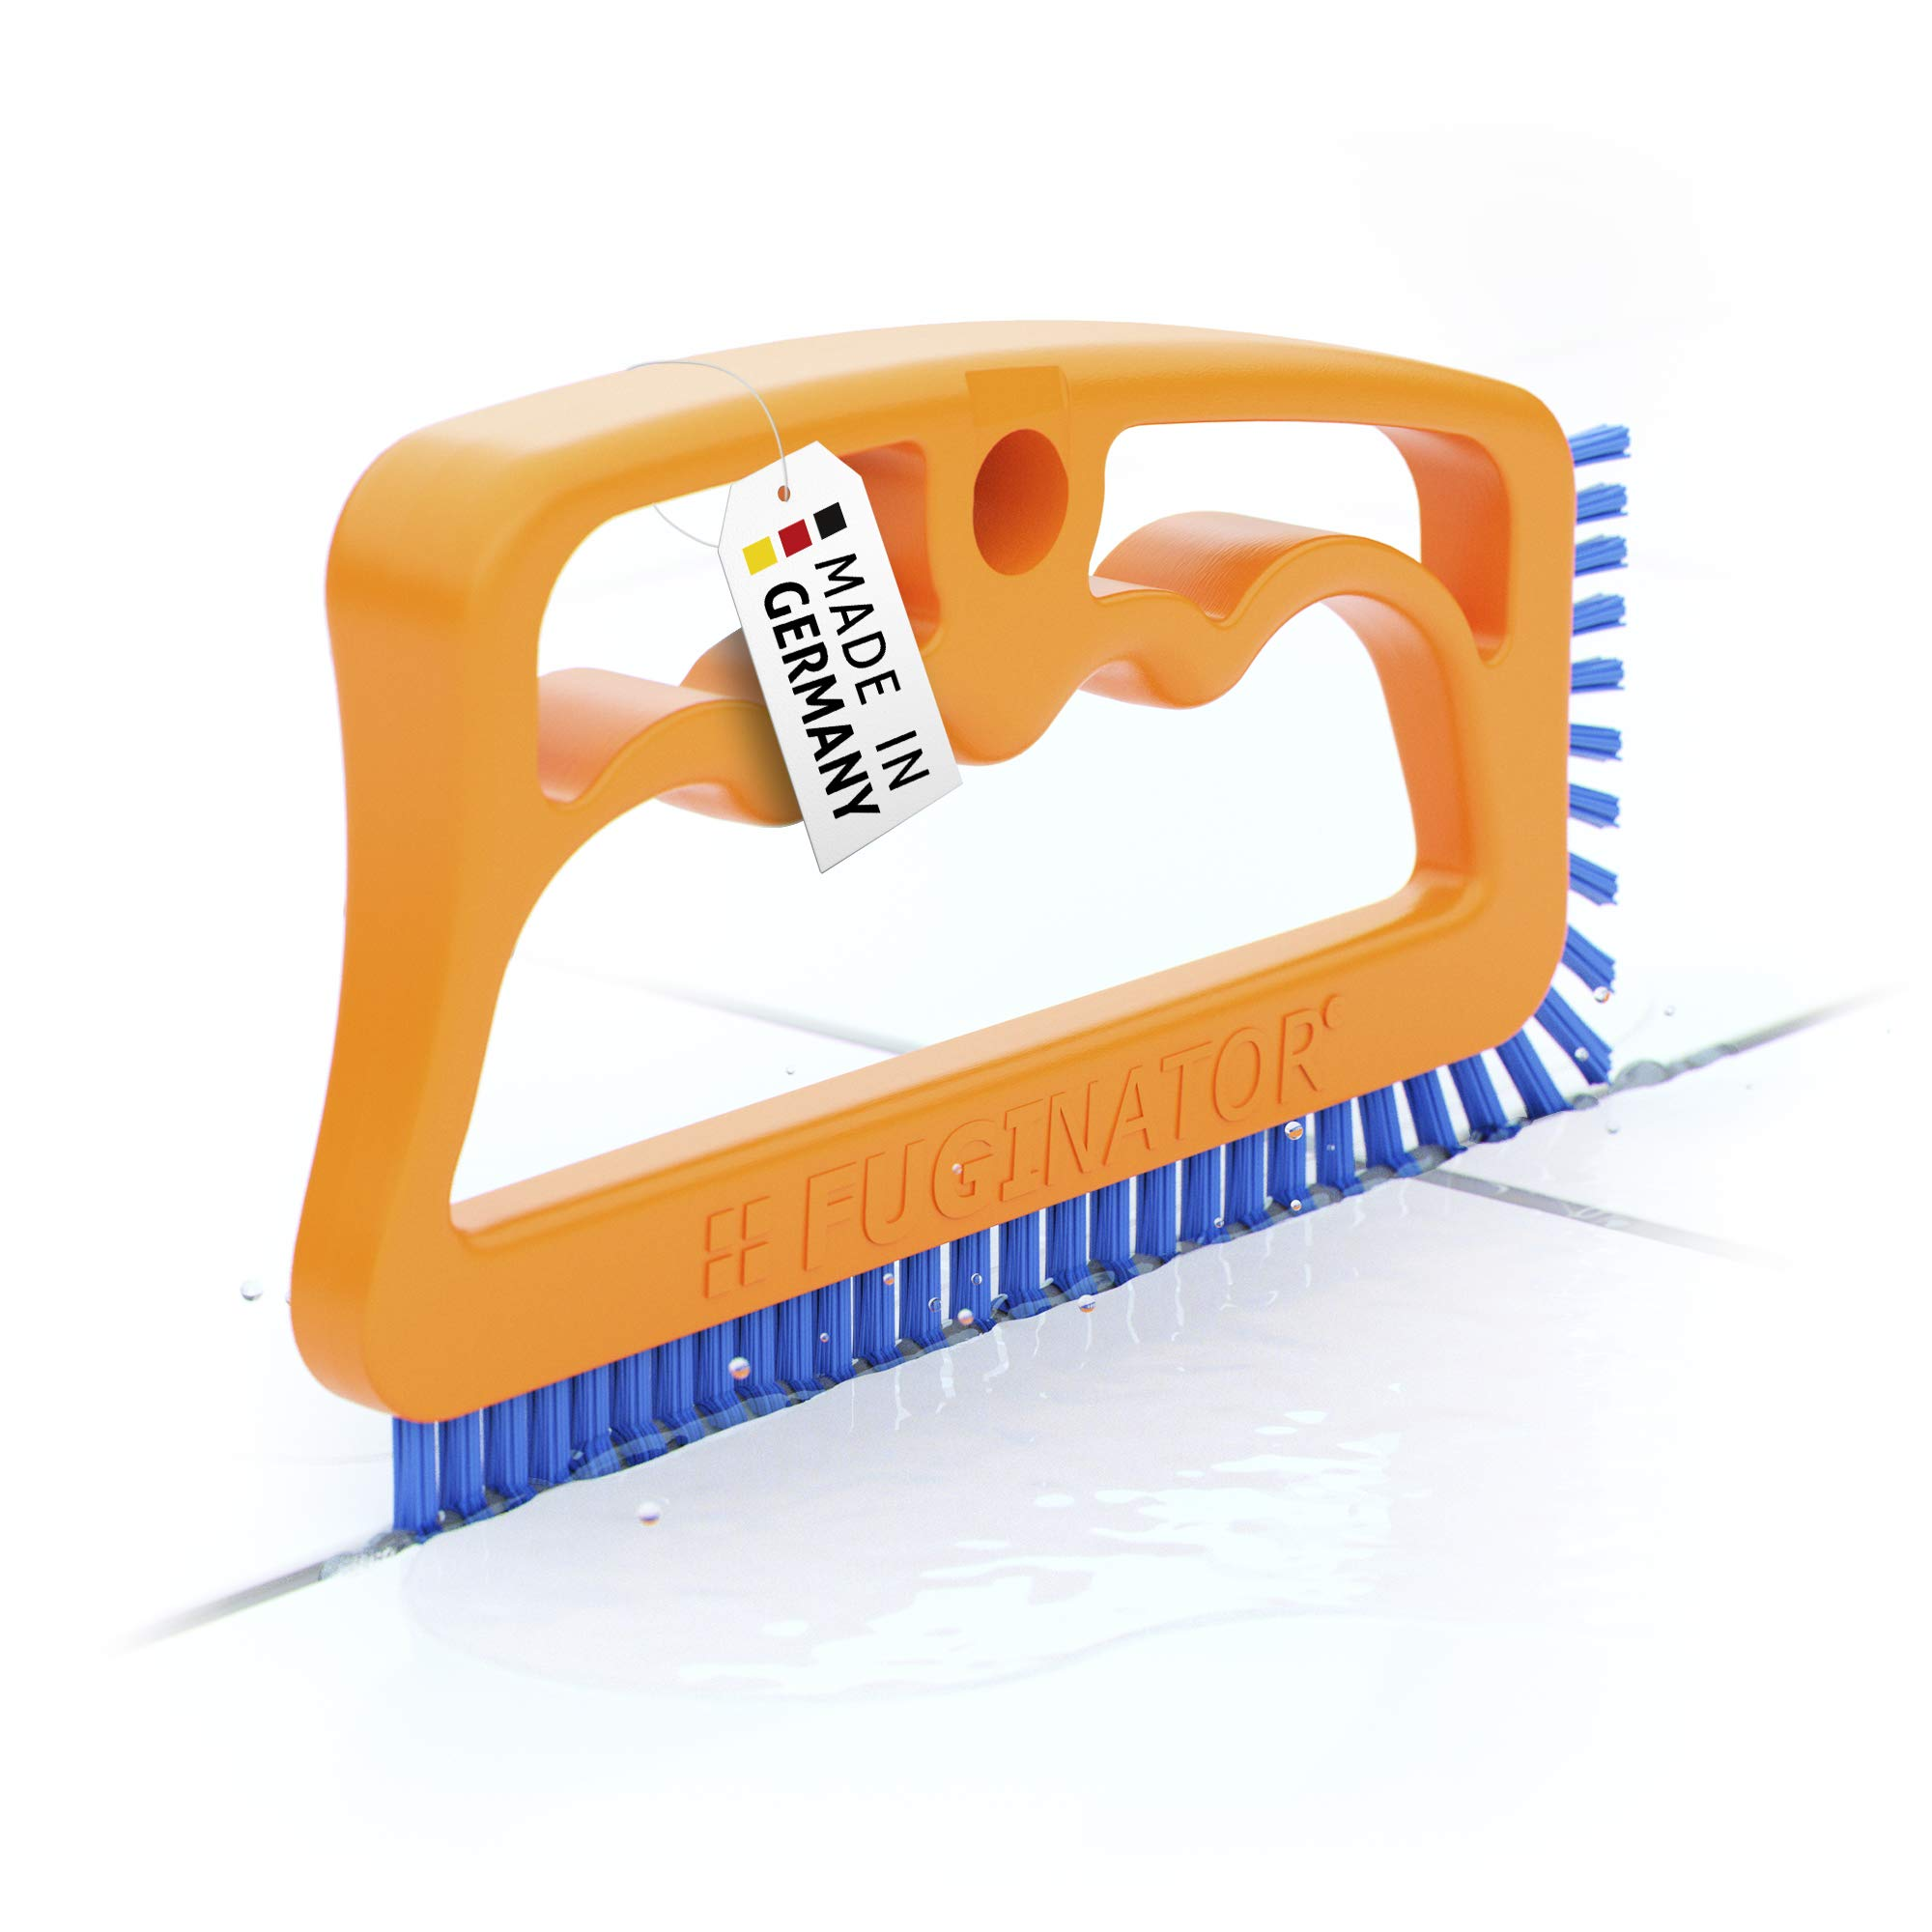 """Fugenial """"Fuginator®"""" Brosse pour les joints de la salle de bains, cuisine et le ménage - Nettoie efficacement les joints du carrelage en les débarrassant en surface de la moisissure - Bleu (nettoyage universel) product image"""